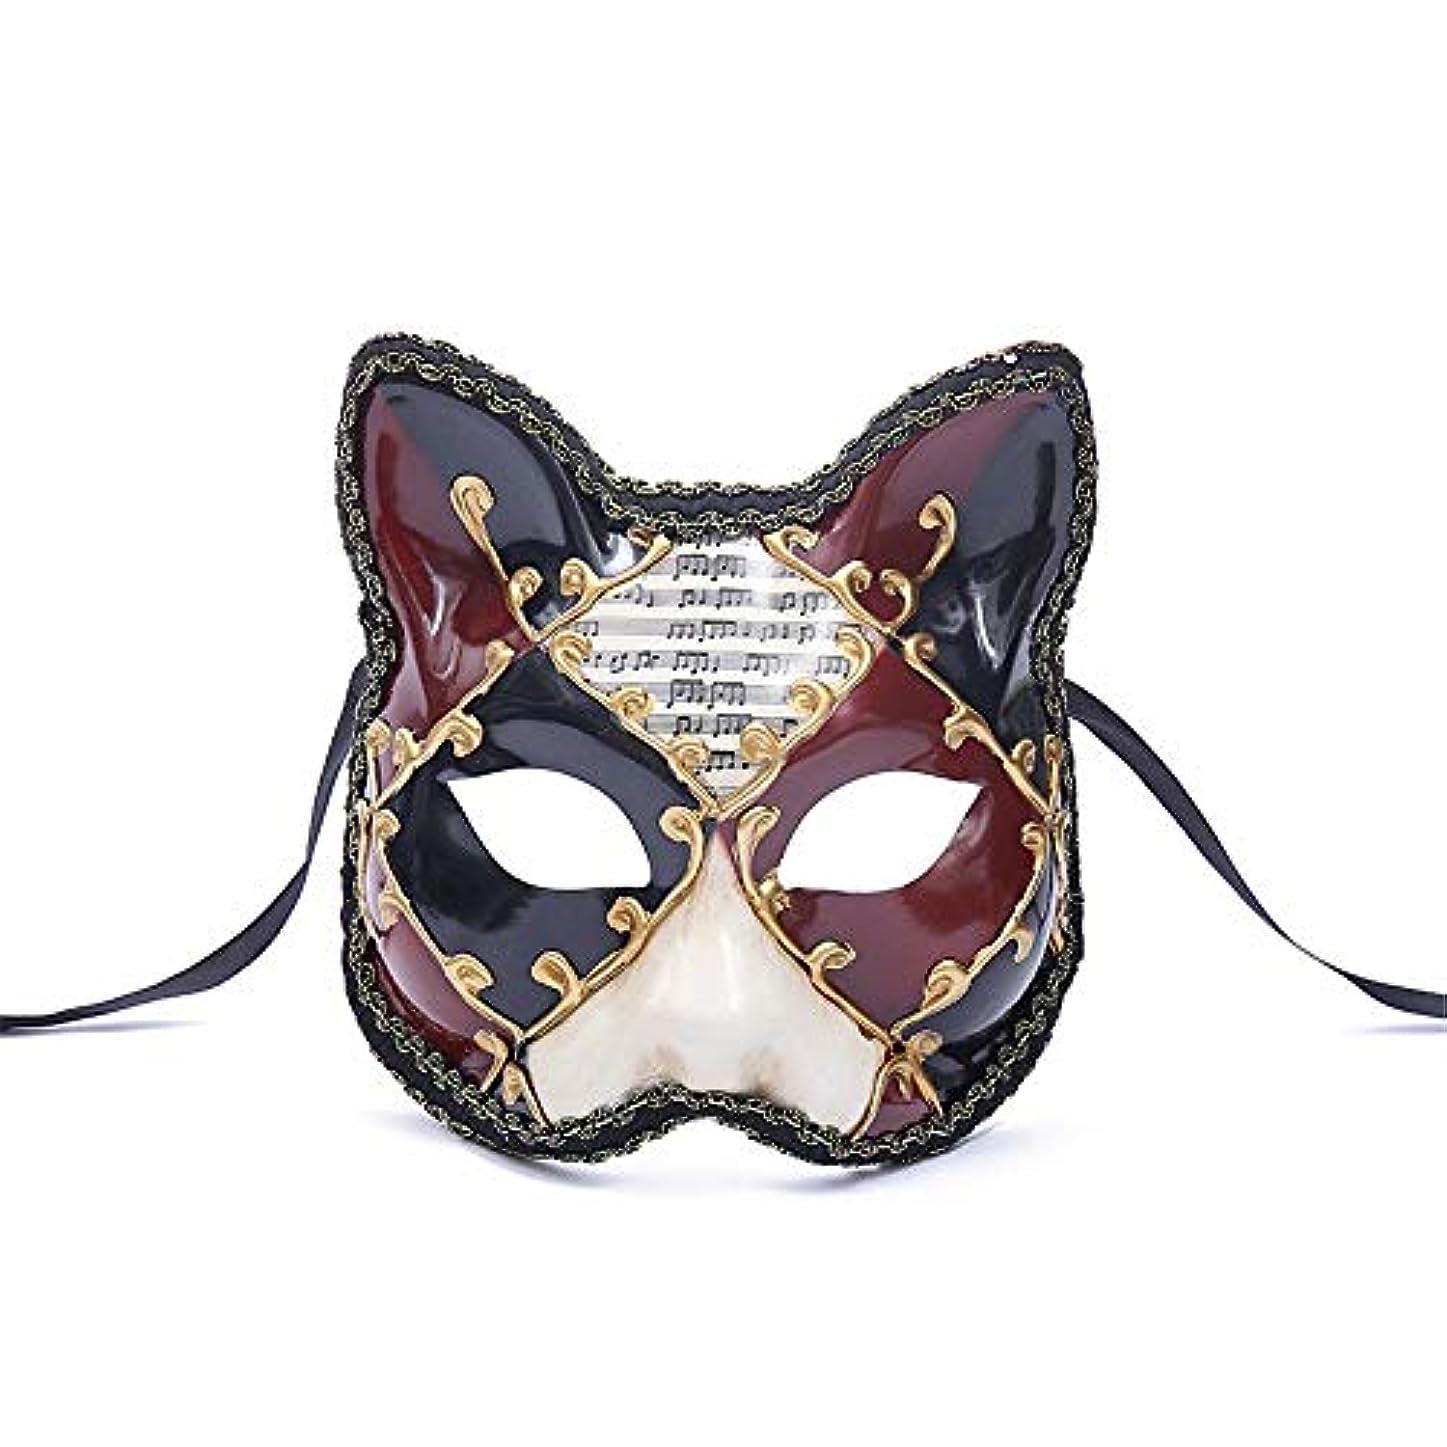 皮肉な批評外部ダンスマスク 大きな猫アンティーク動物レトロコスプレハロウィーン仮装マスクナイトクラブマスク雰囲気フェスティバルマスク ホリデーパーティー用品 (色 : 赤, サイズ : 17.5x16cm)